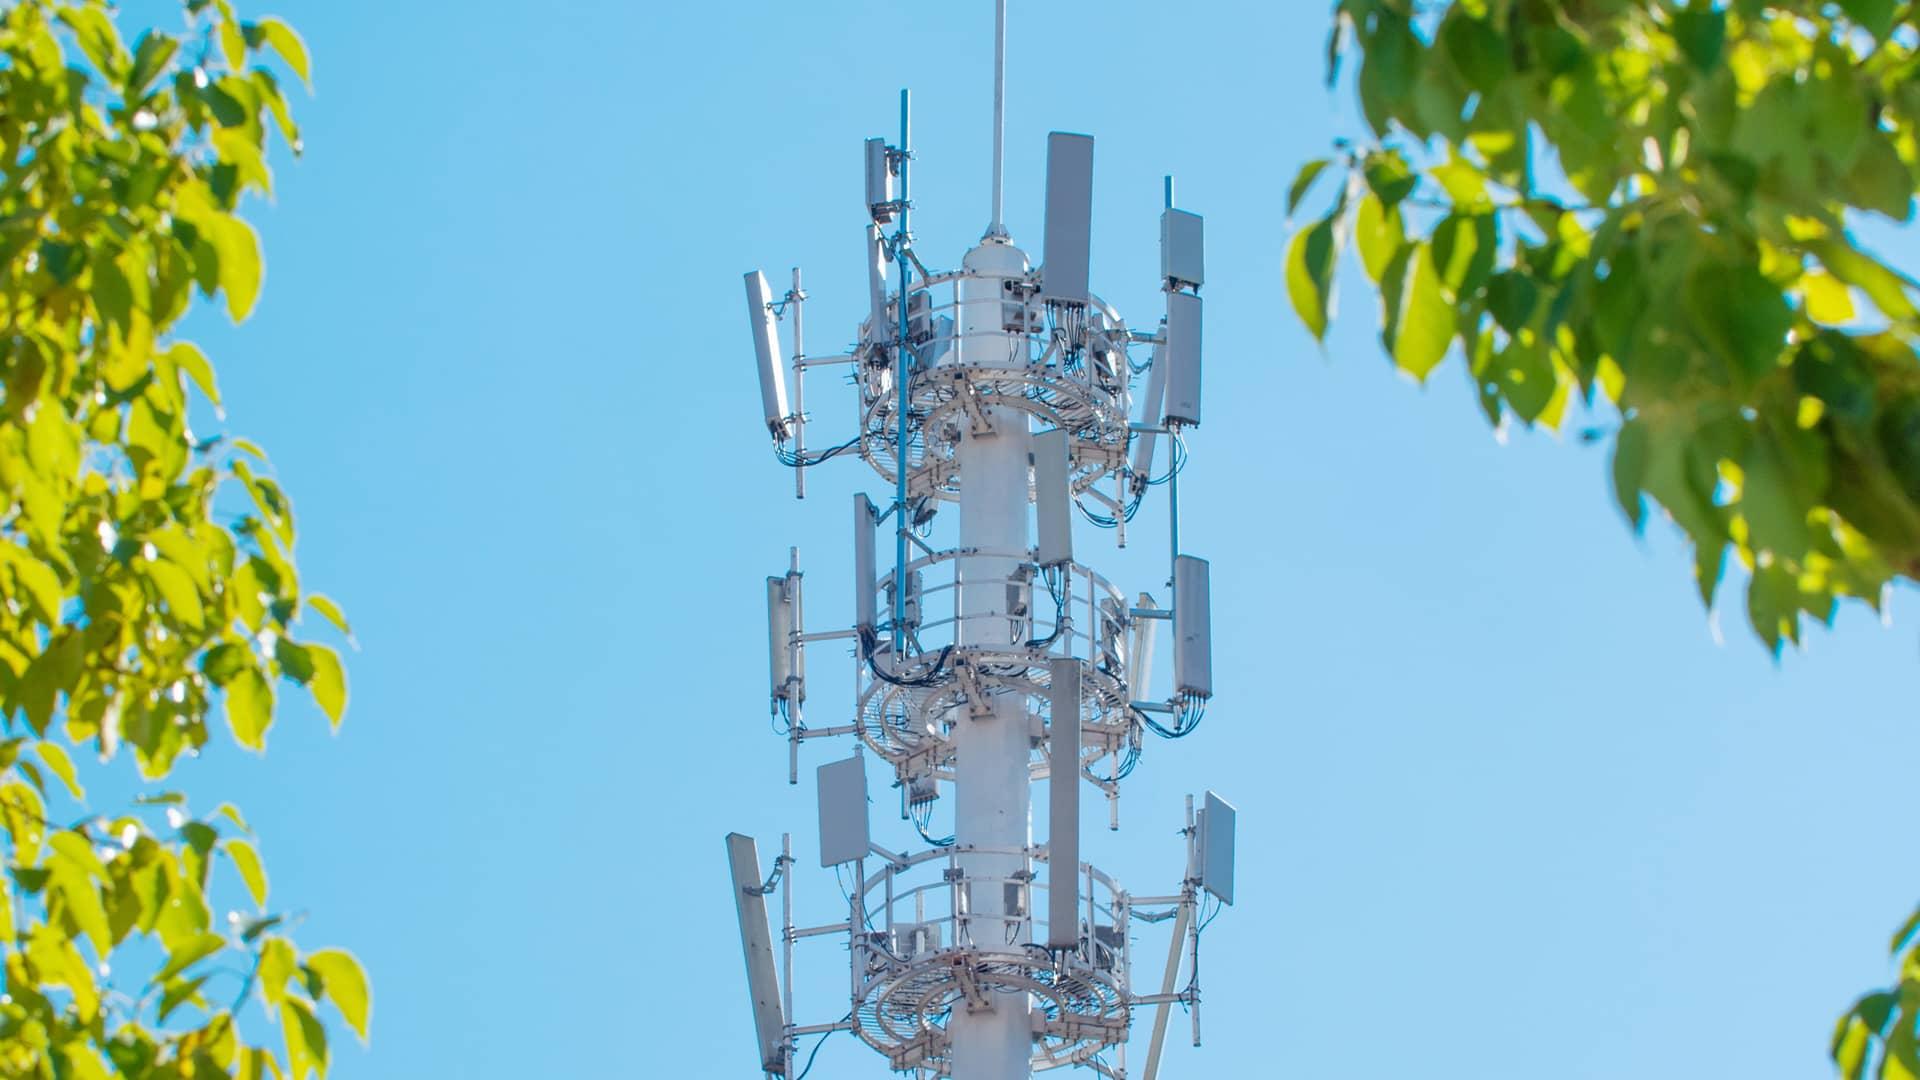 Antena dando cobertura a clientes alterna